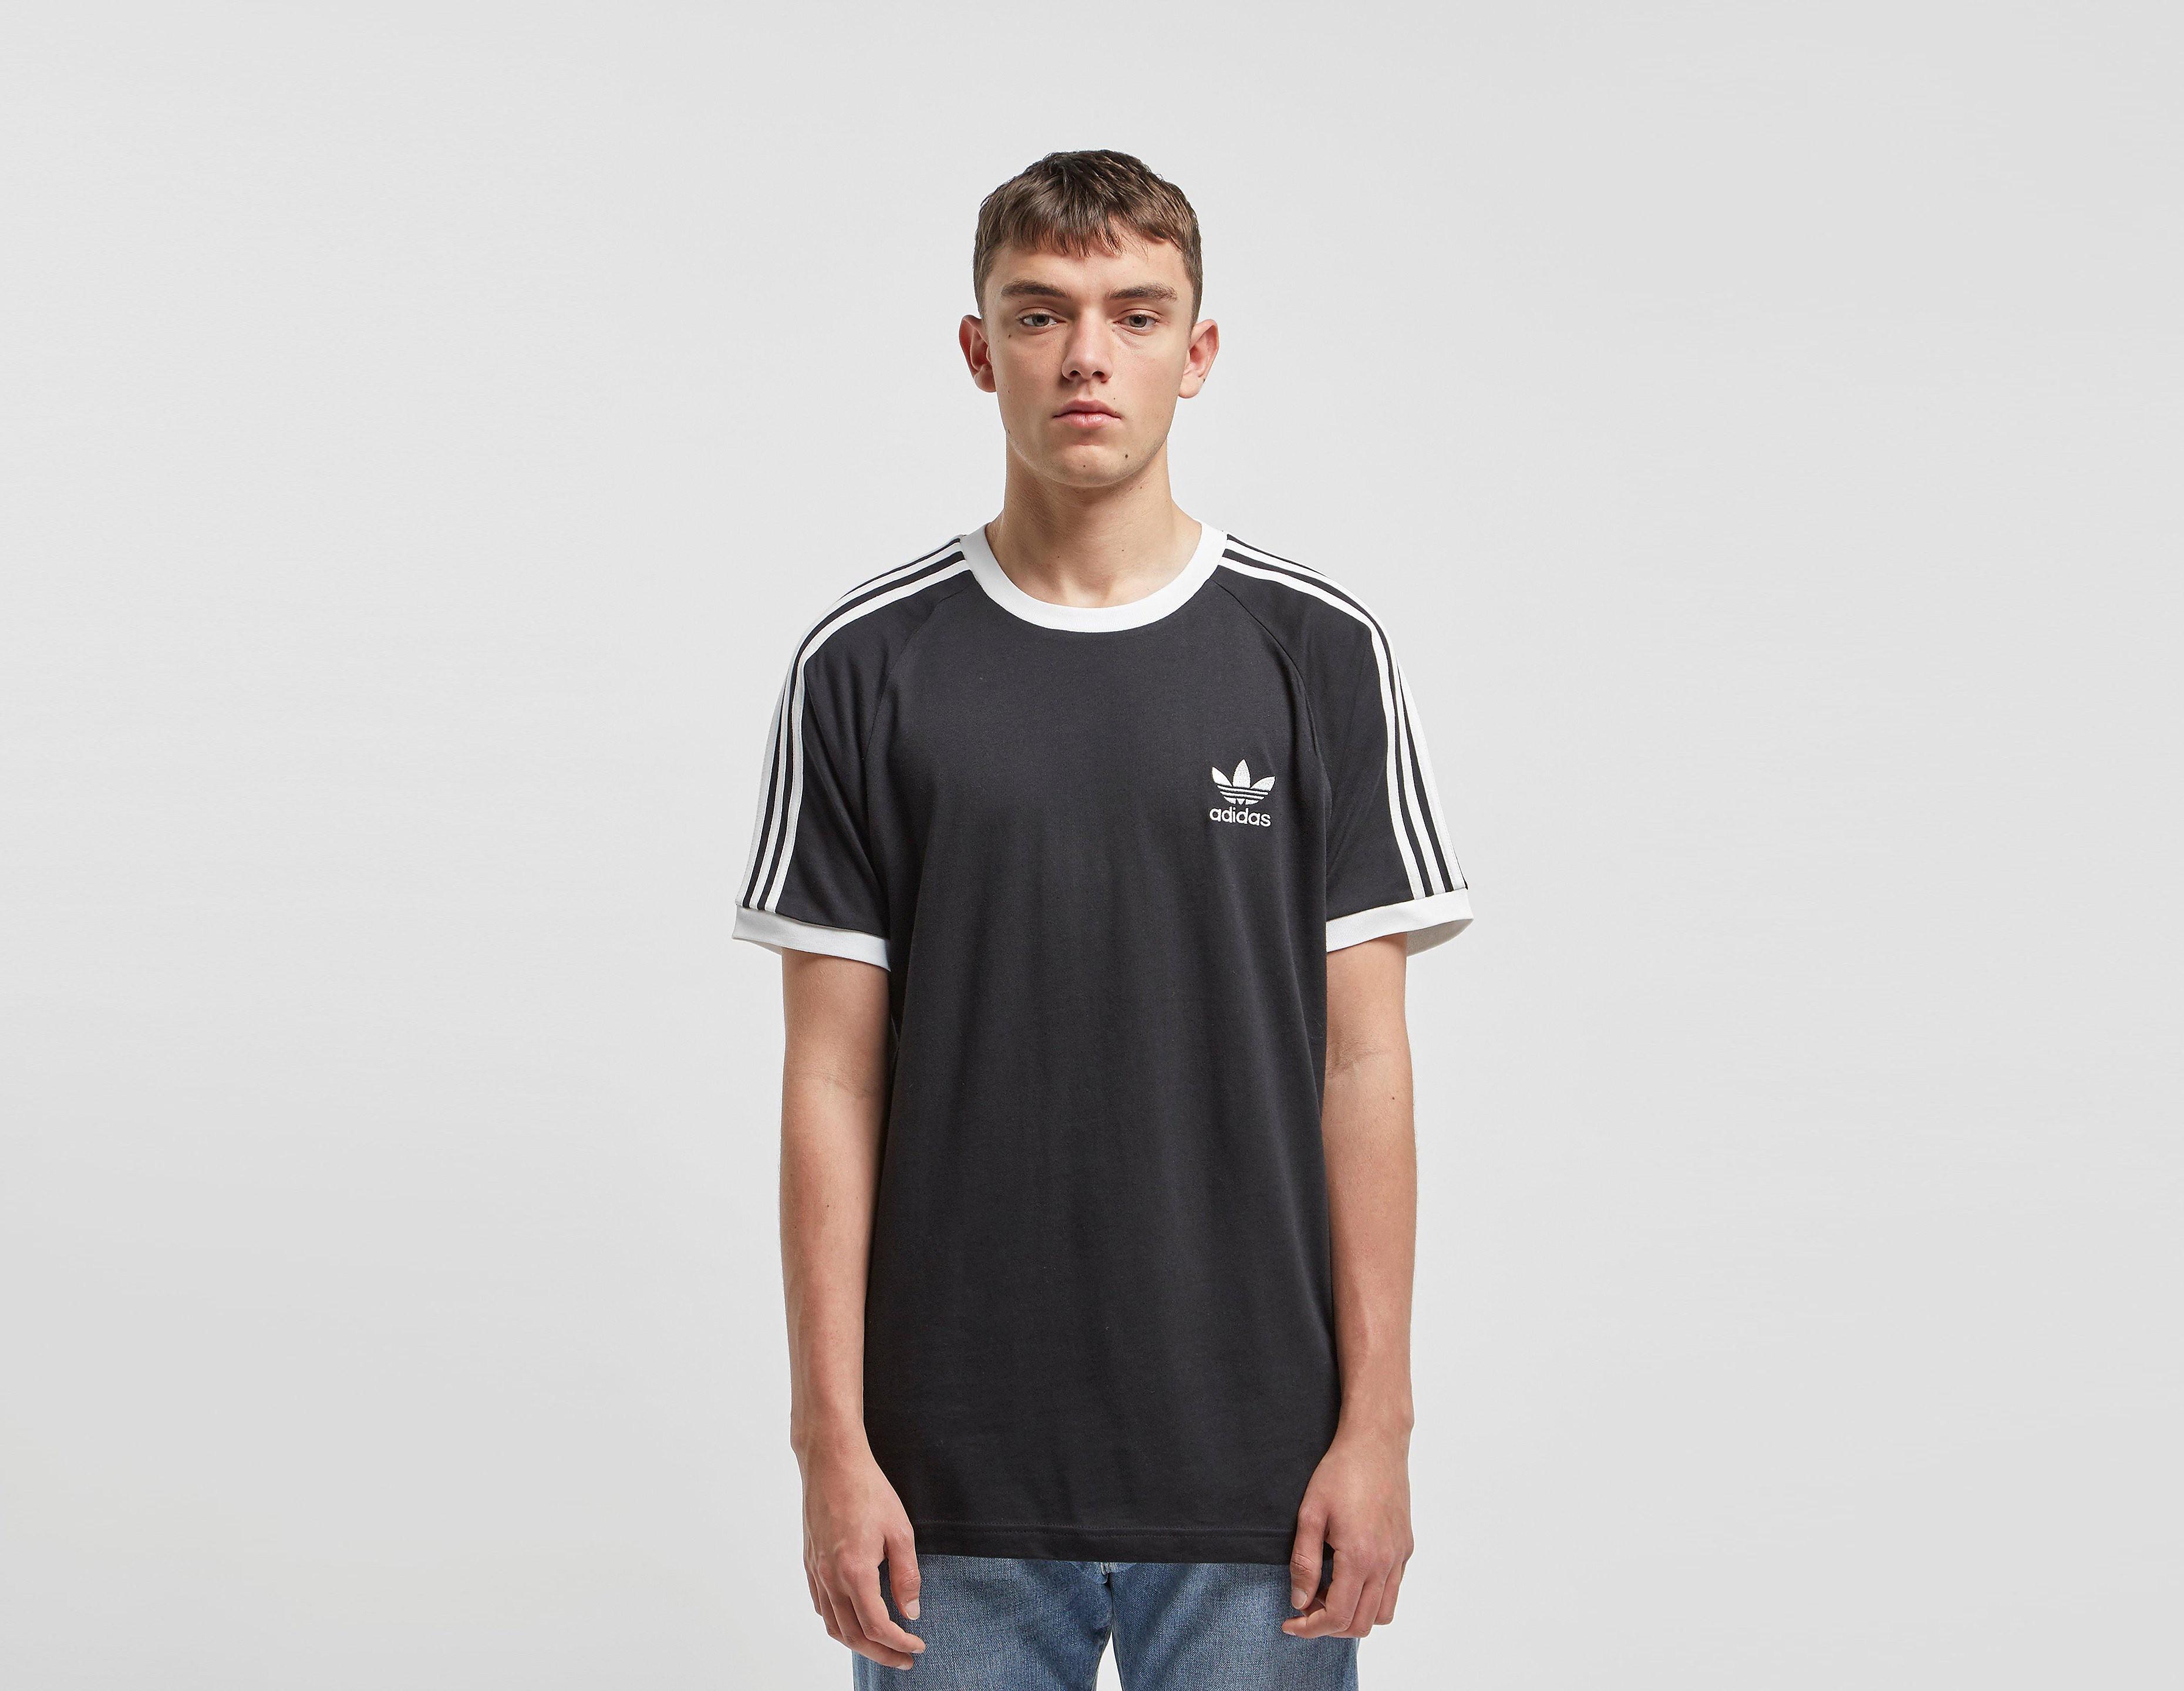 Adidas 3S Tee